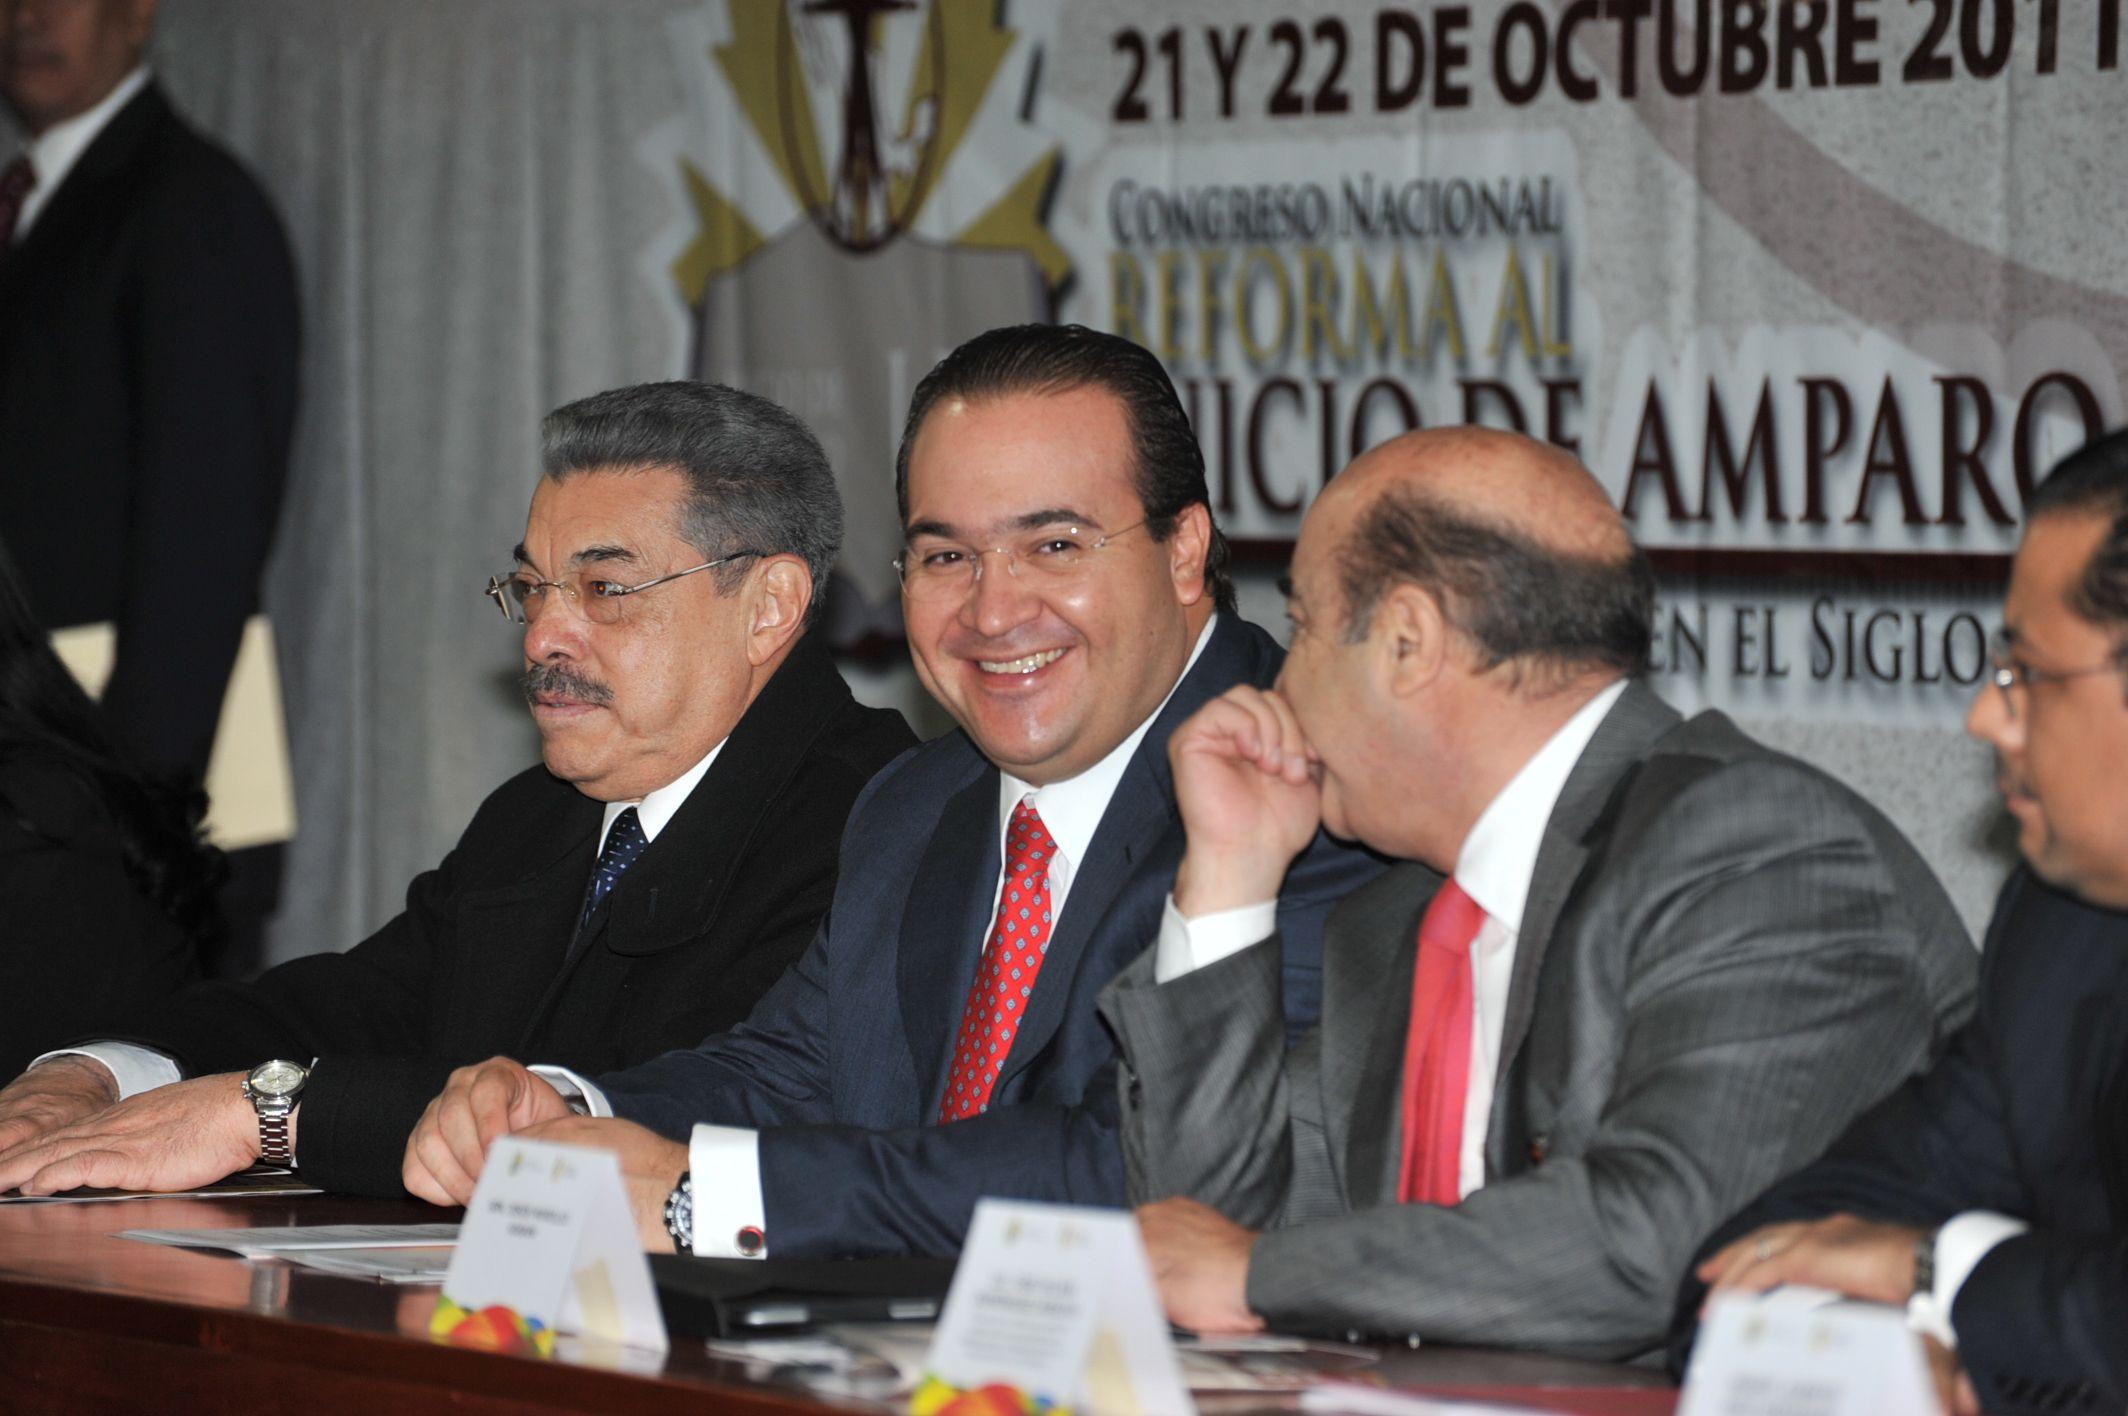 El mandatario estatal inauguró el Congreso Nacional Reforma al Juicio de Amparo en el Siglo XXI, organizado por la Universidad de Xalapa, donde expresó que la legalidad es el mejor camino para avanzar hacia el desarrollo de la entidad.